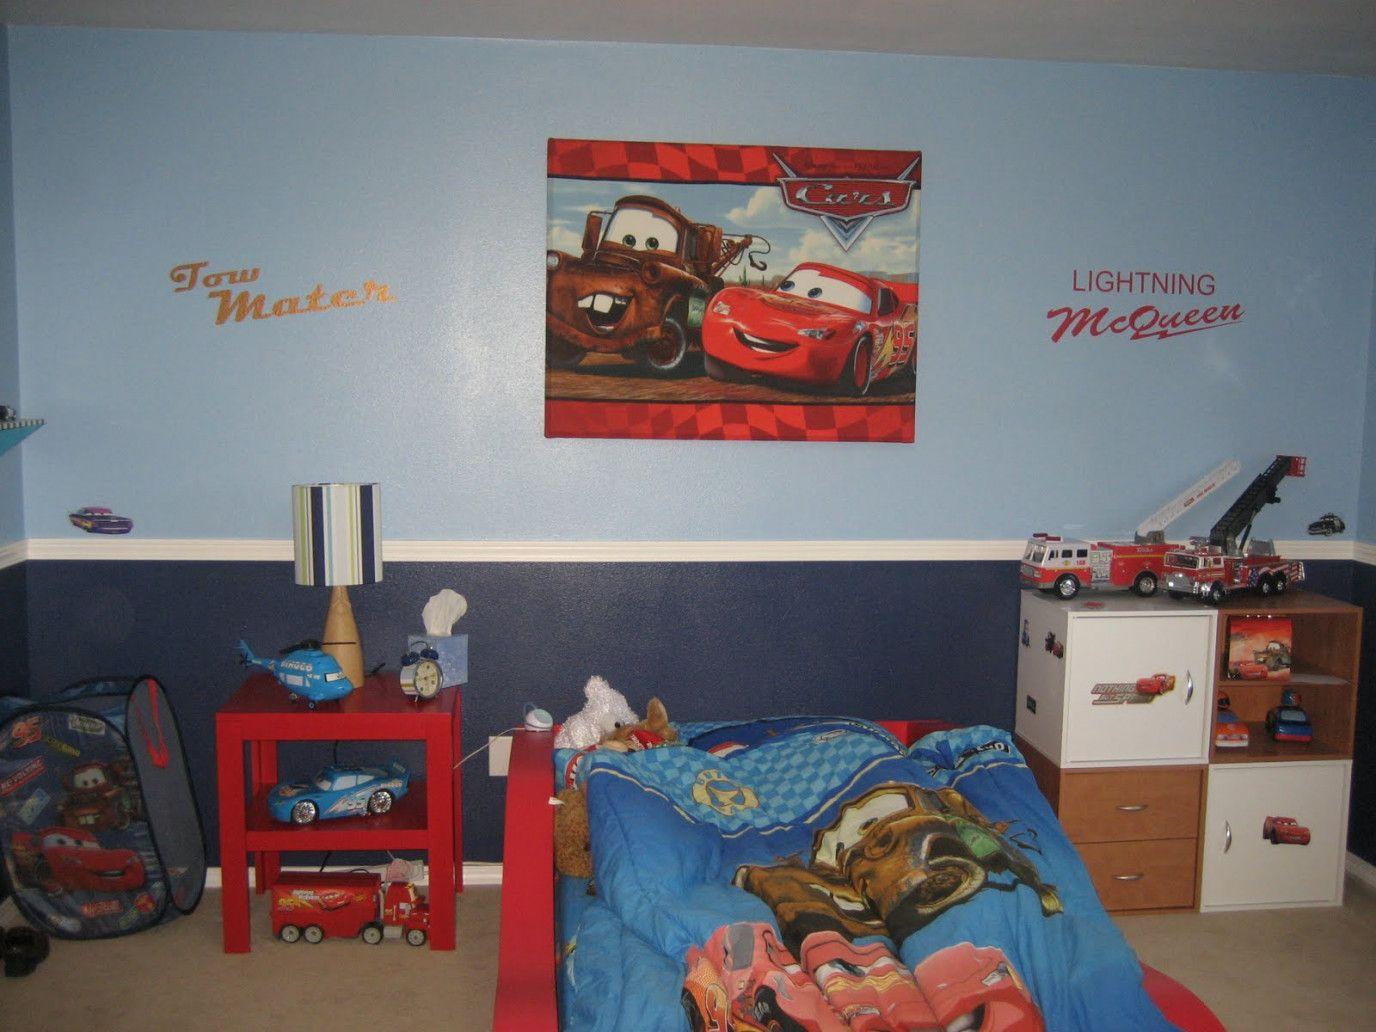 78+ Lightning Mcqueen Bedroom Decorating Ideas - Modern Bedroom ...